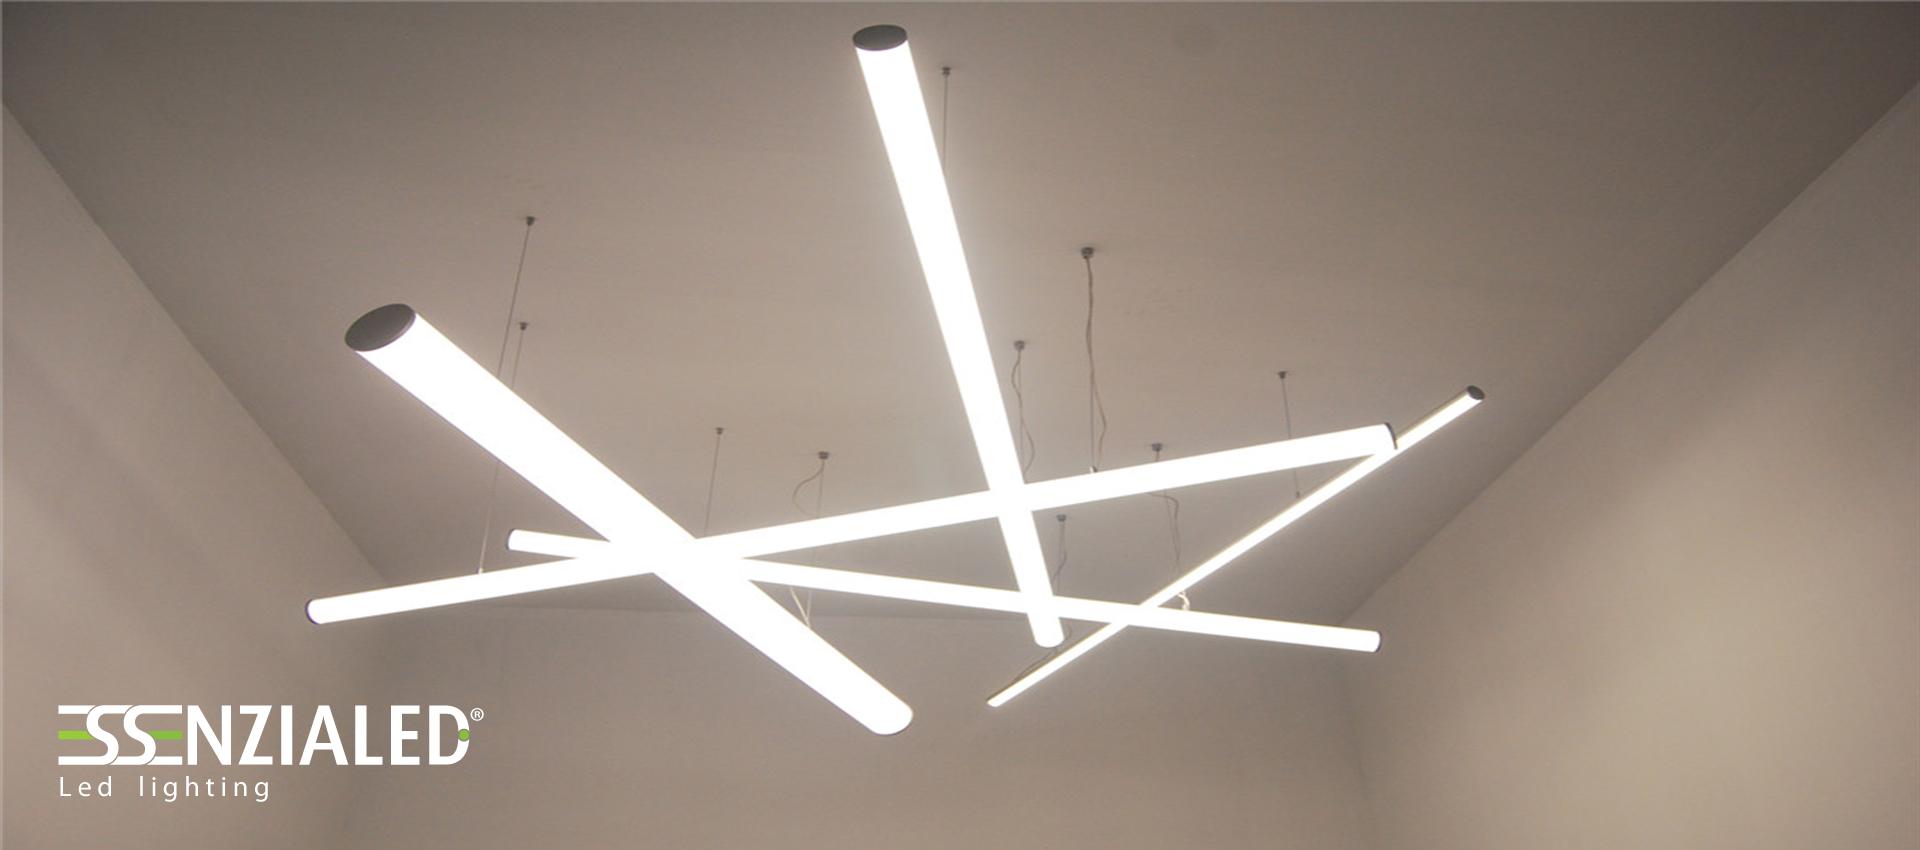 TUBE 6 0   Tubo led sospensione tutta luceEssenzialed  u2013 Illuminazione a led -> Lampadario Sospensione Luce Led